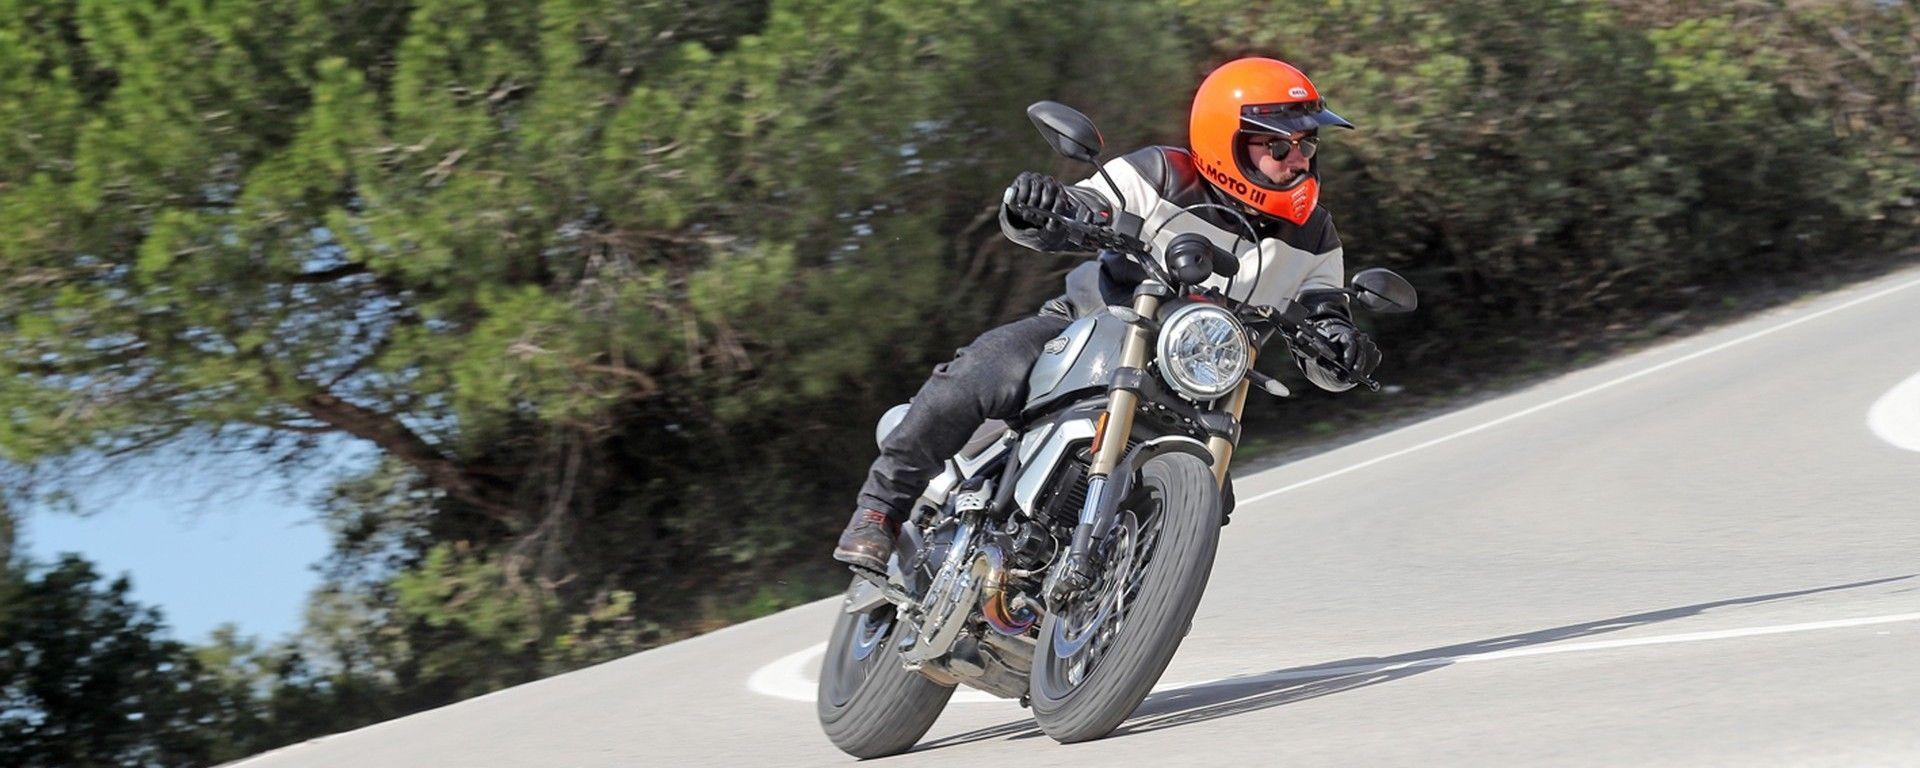 Nuova Ducati Scrambler 1100: ora più matura, potente e rifinita